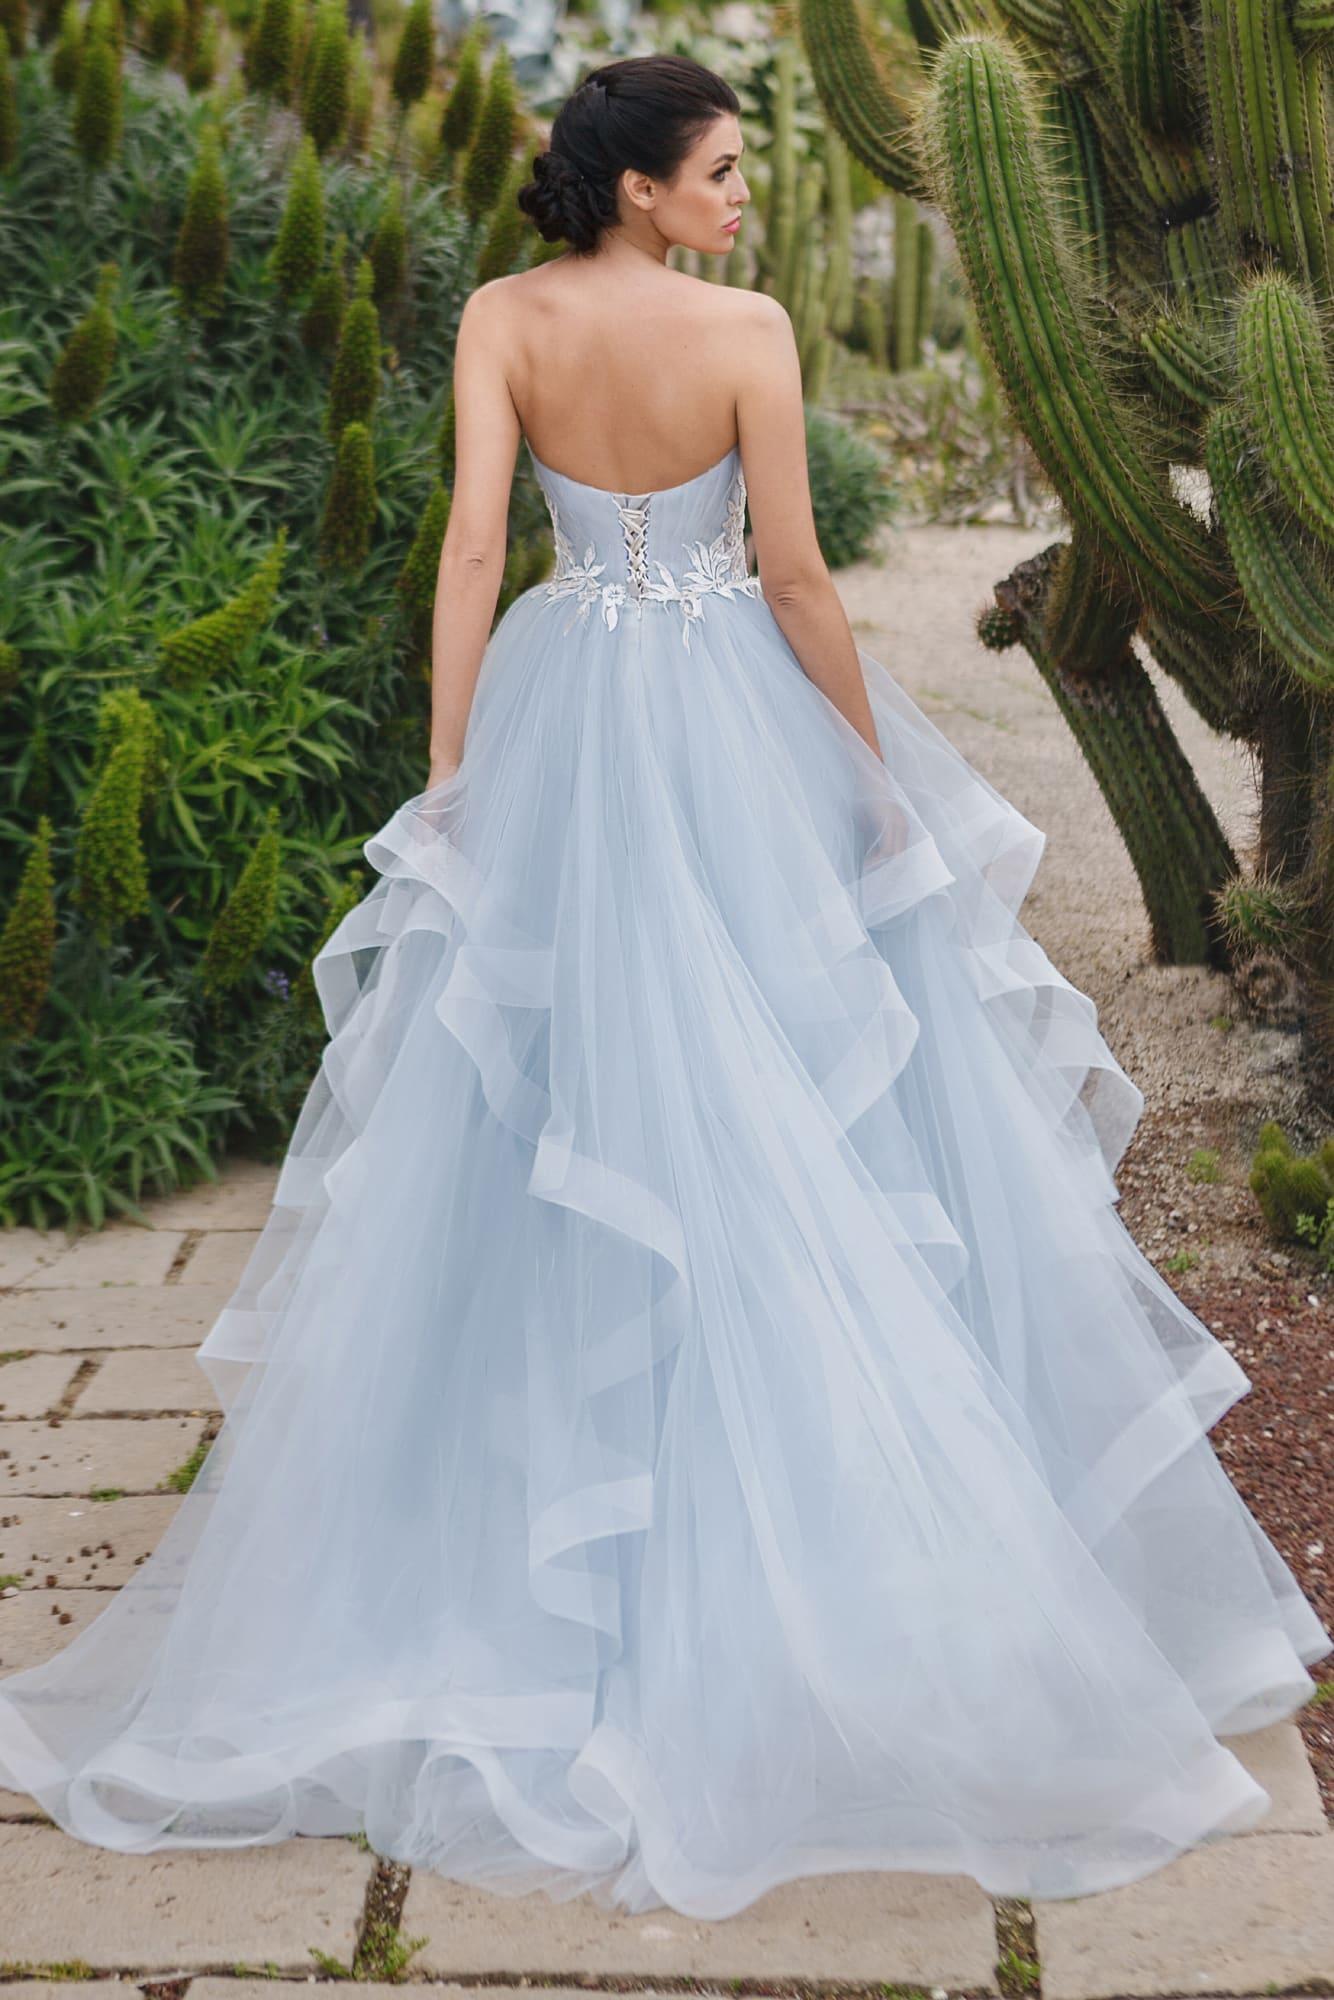 Голубое свадебное платье классического силуэта «принцесса» с лифом в форме «сердечка».